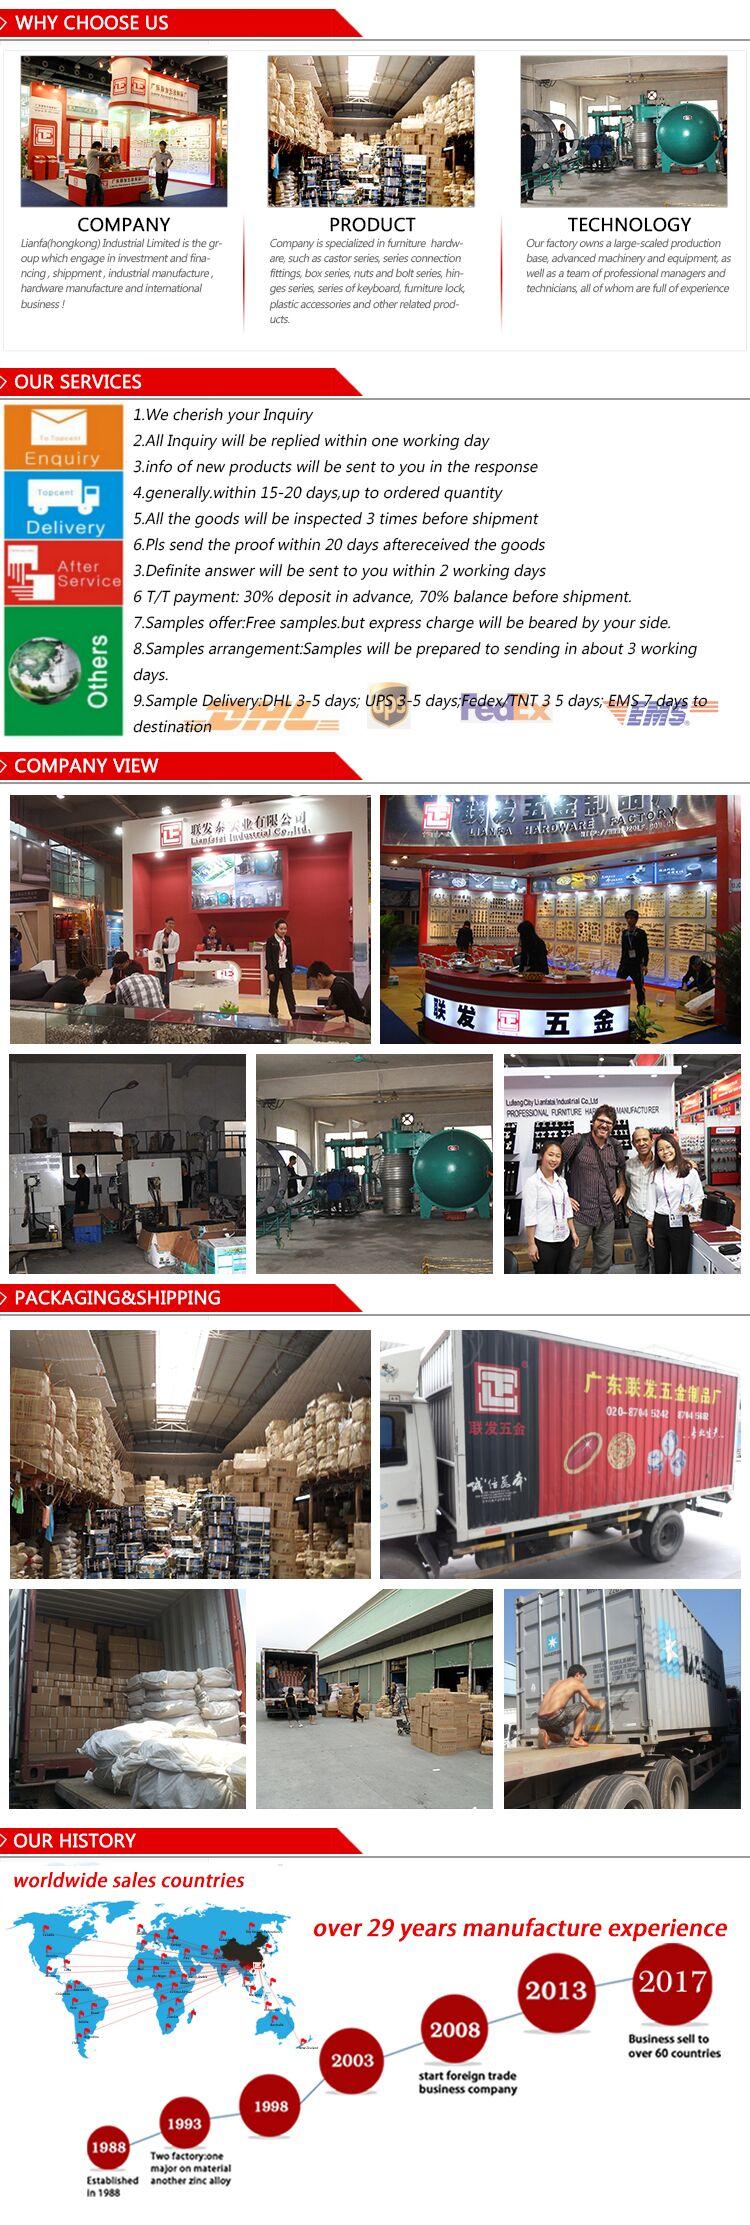 Packing & shippment2.jpg